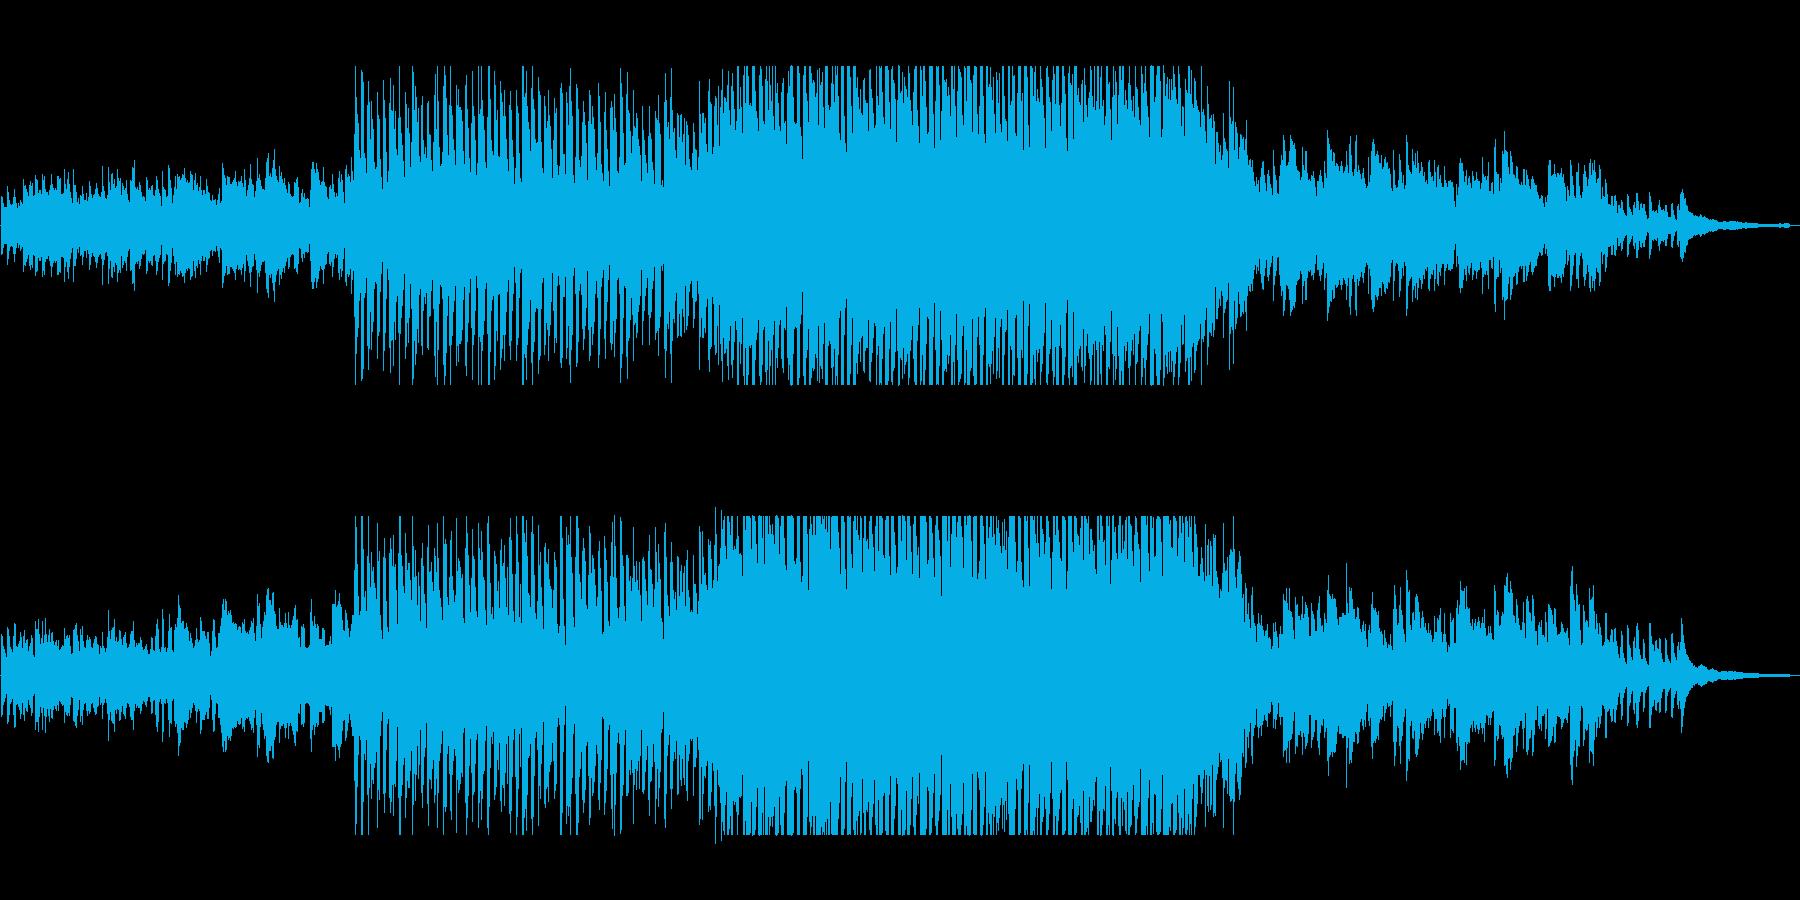 幻想的な光に包まれるピアノミュージックの再生済みの波形